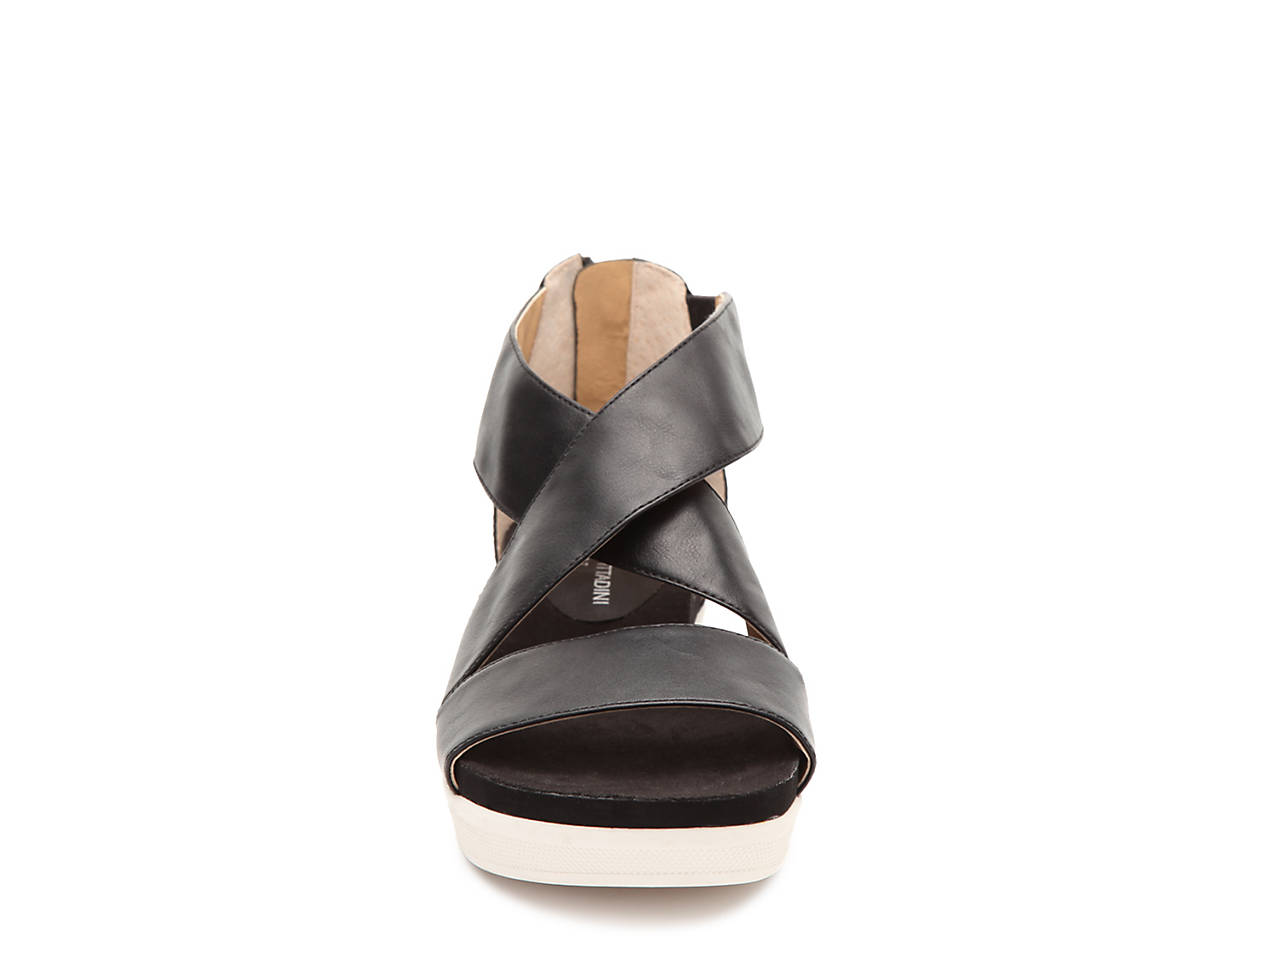 Black sandals at dsw - Black Sandals At Dsw 53